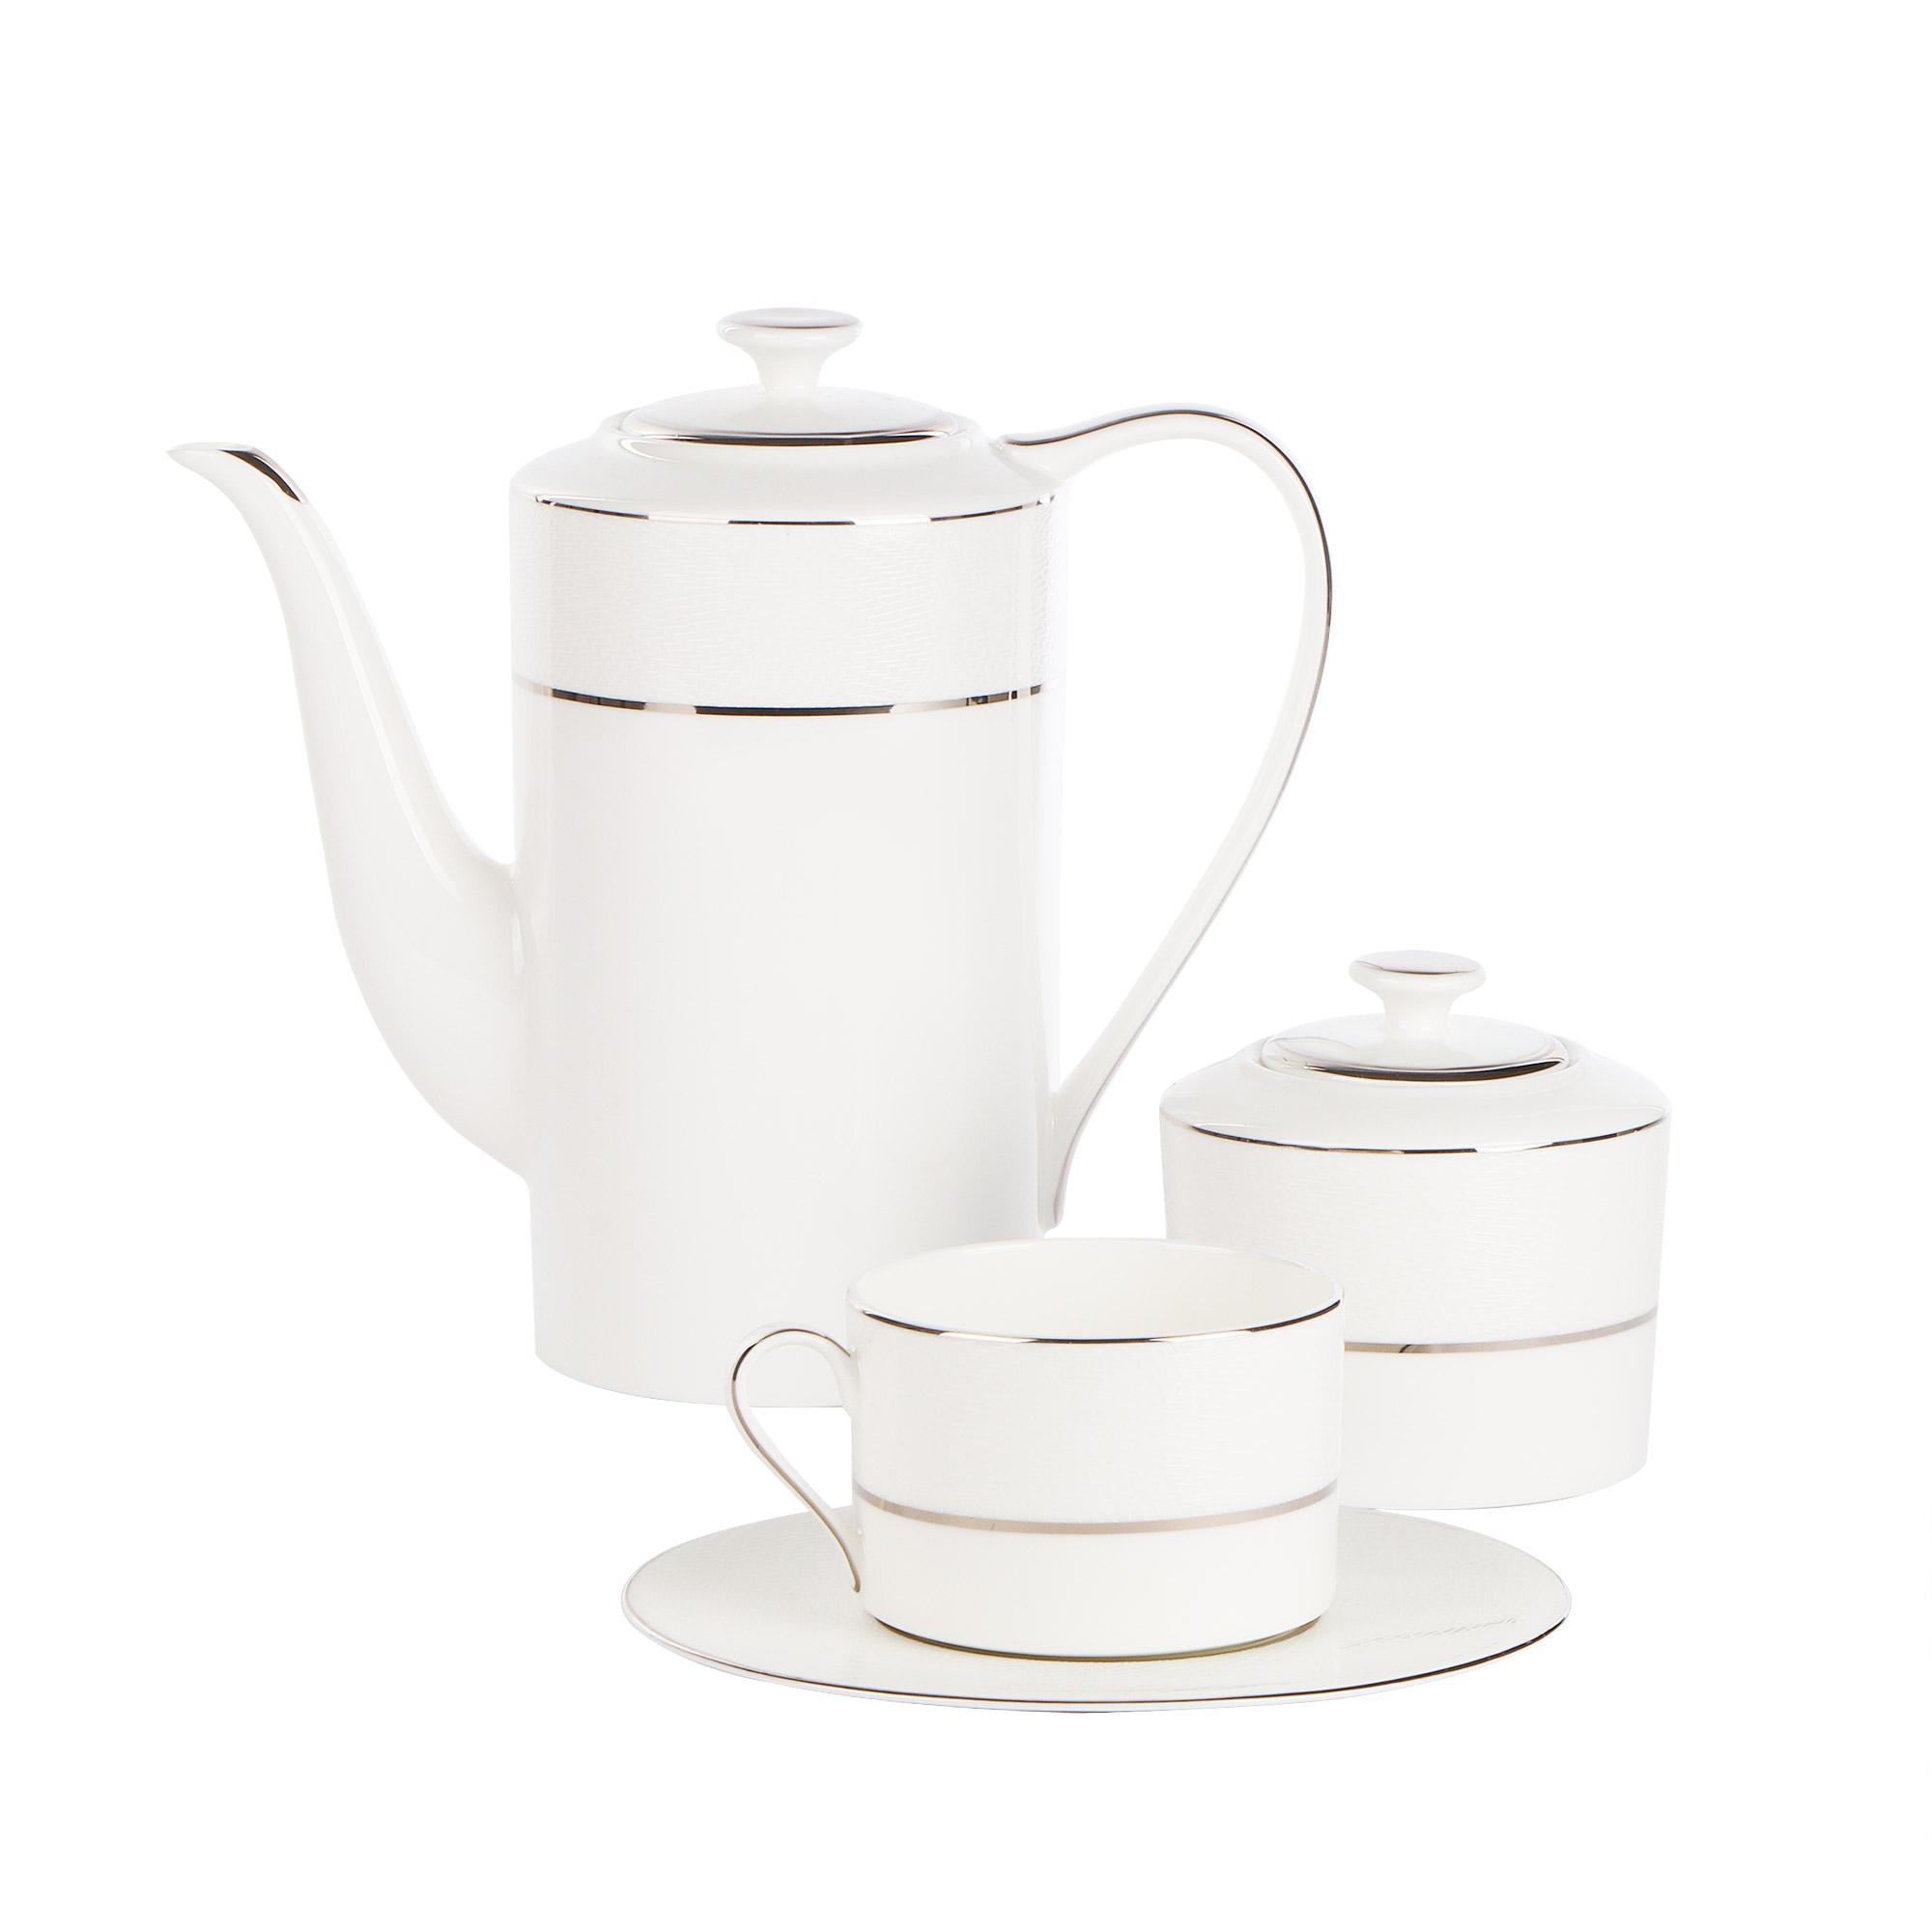 Чайный сервиз Naomi Миллениум 14 предметов